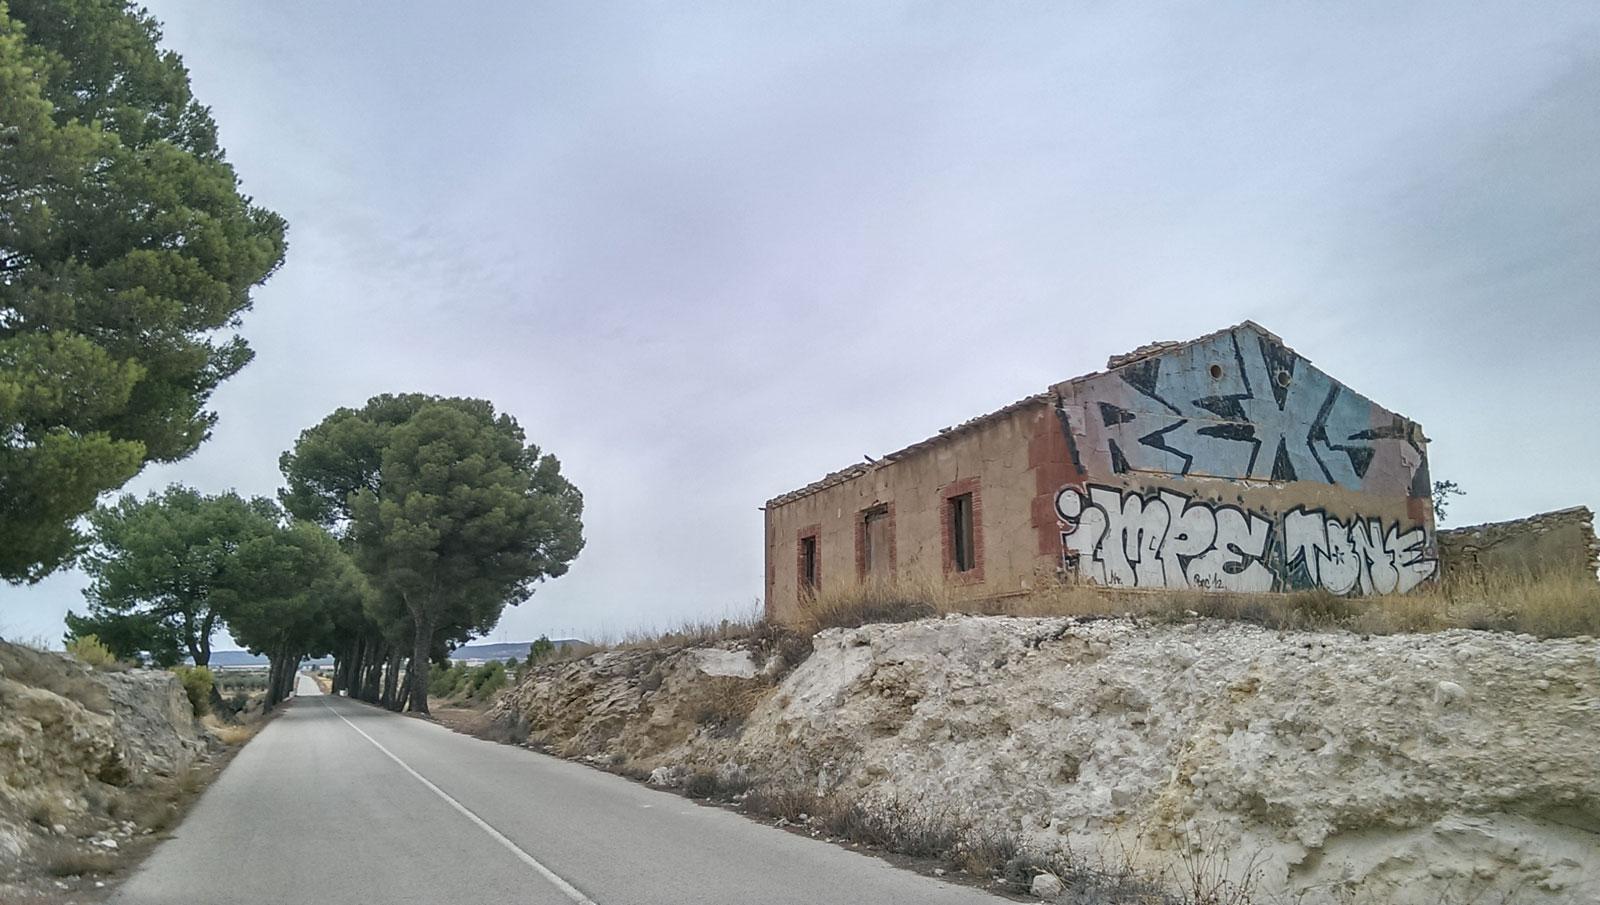 casa peones camineros en carretera yecla-almansa